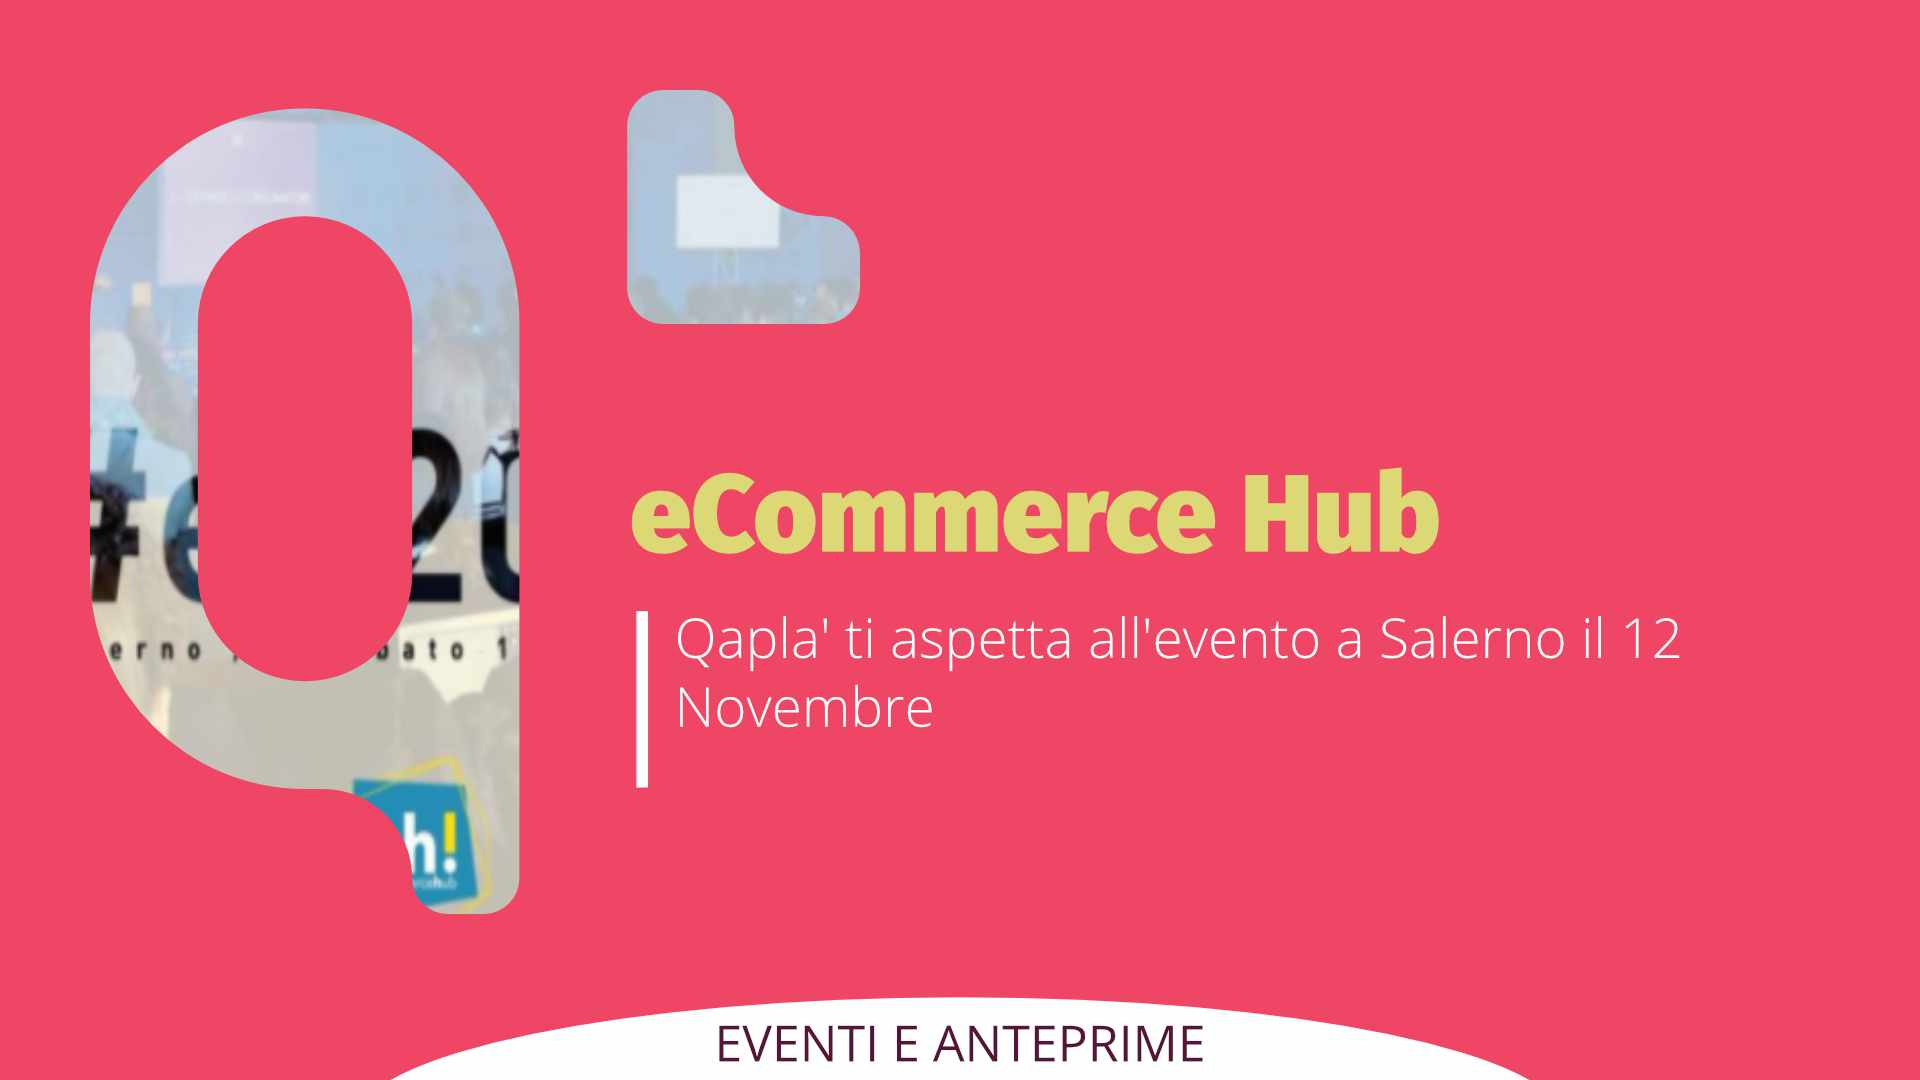 eCommerce Hub